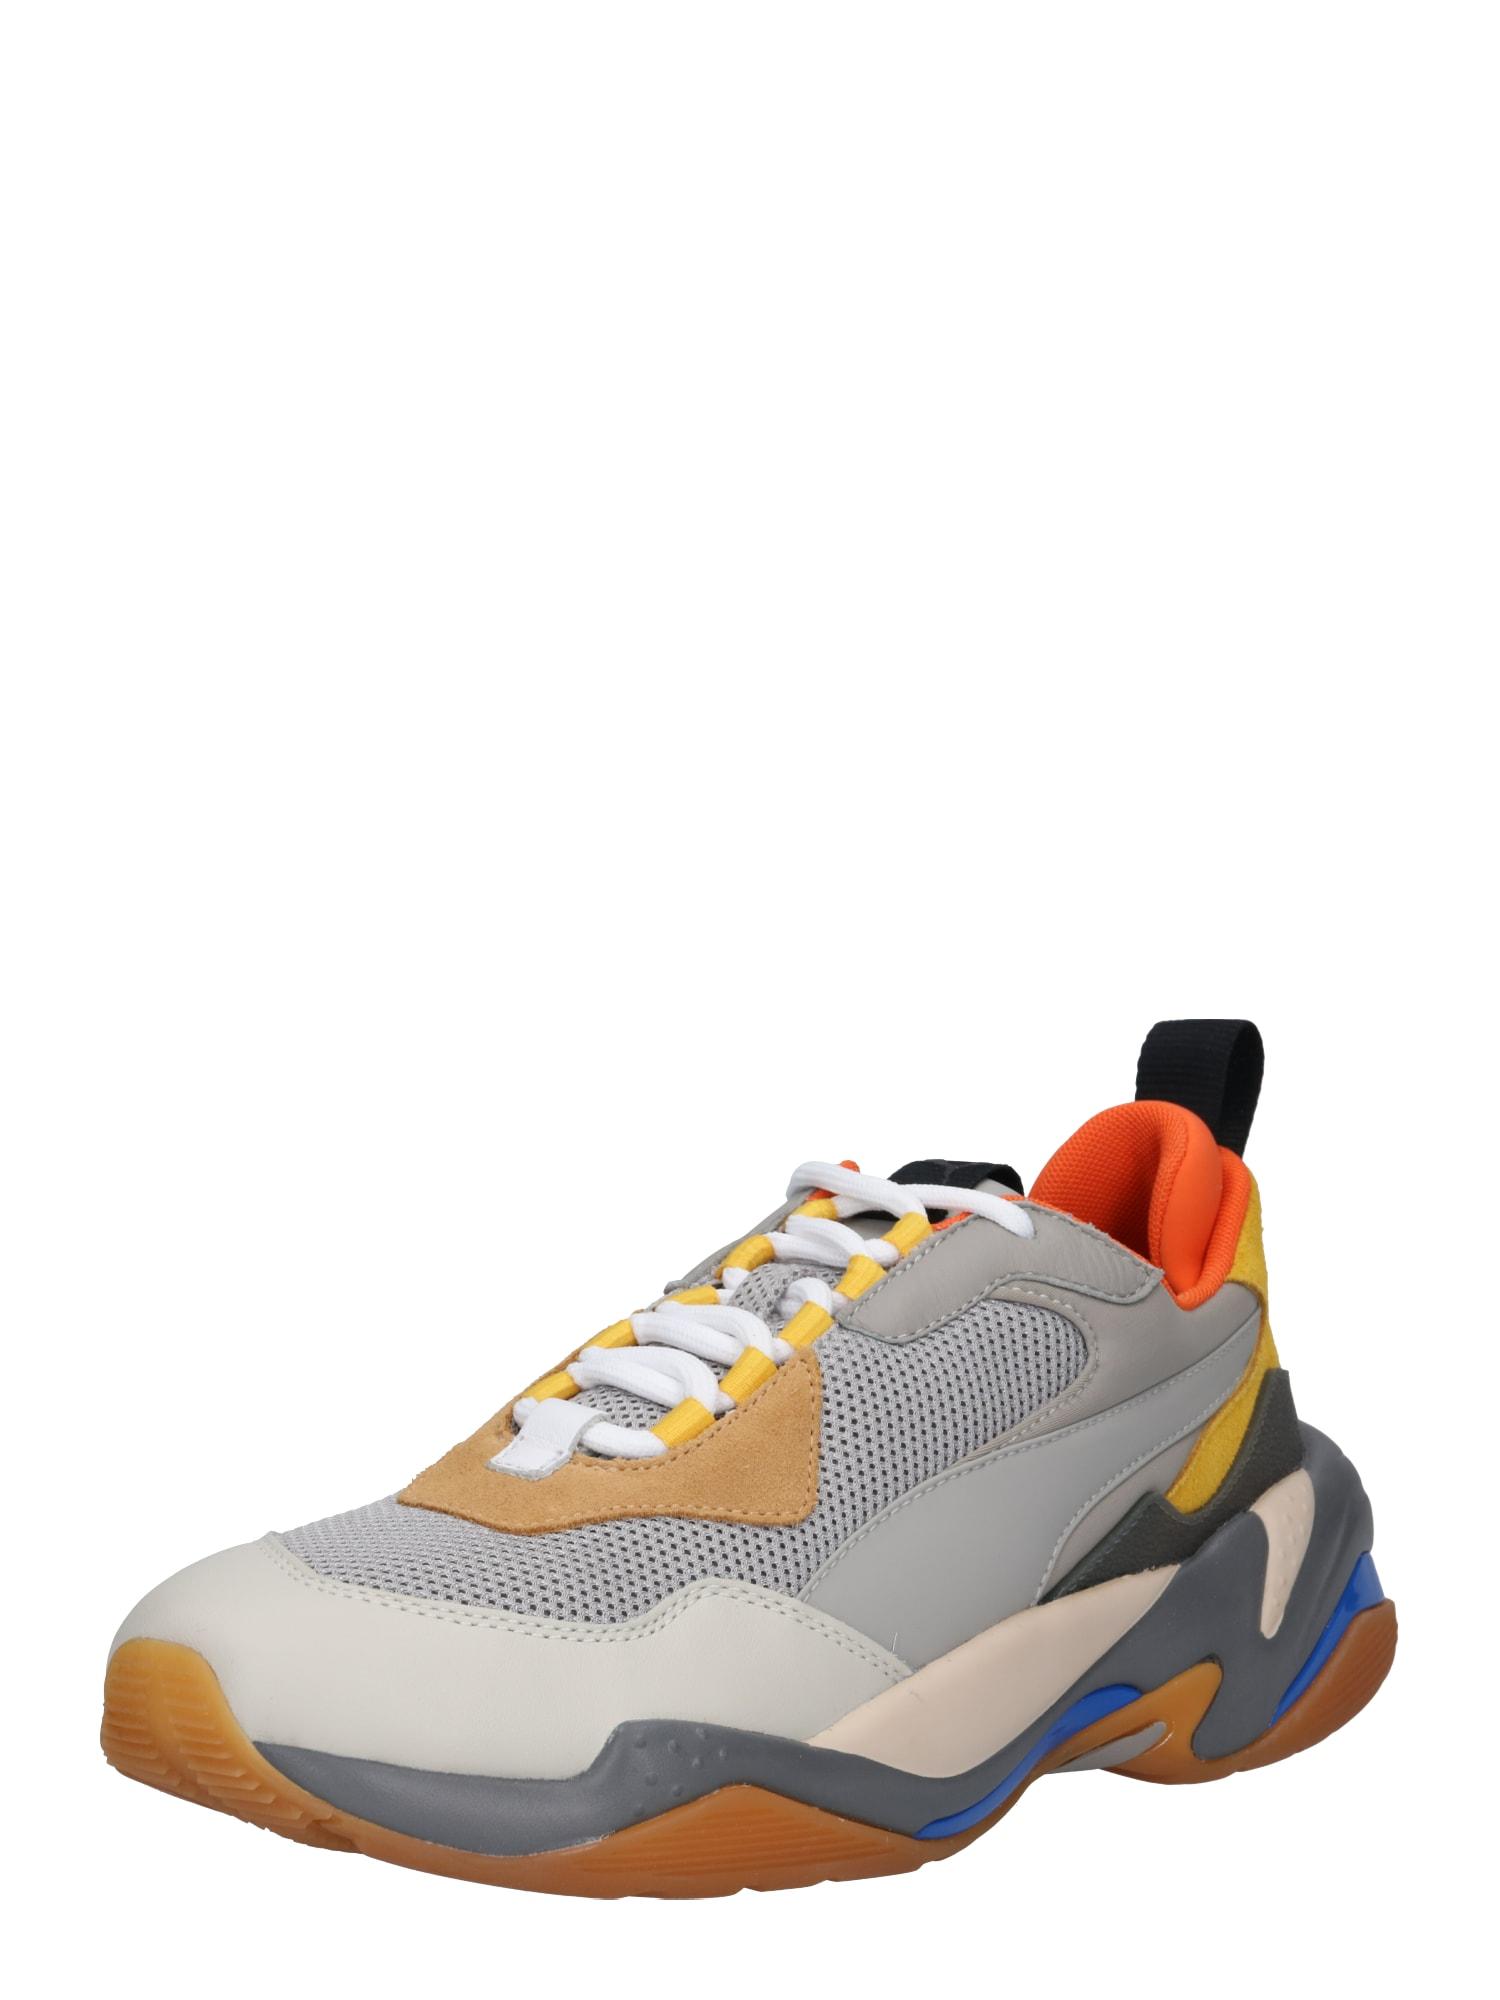 PUMA, Heren Sneakers laag 'Thunder Spectra', grijs / gemengde kleuren